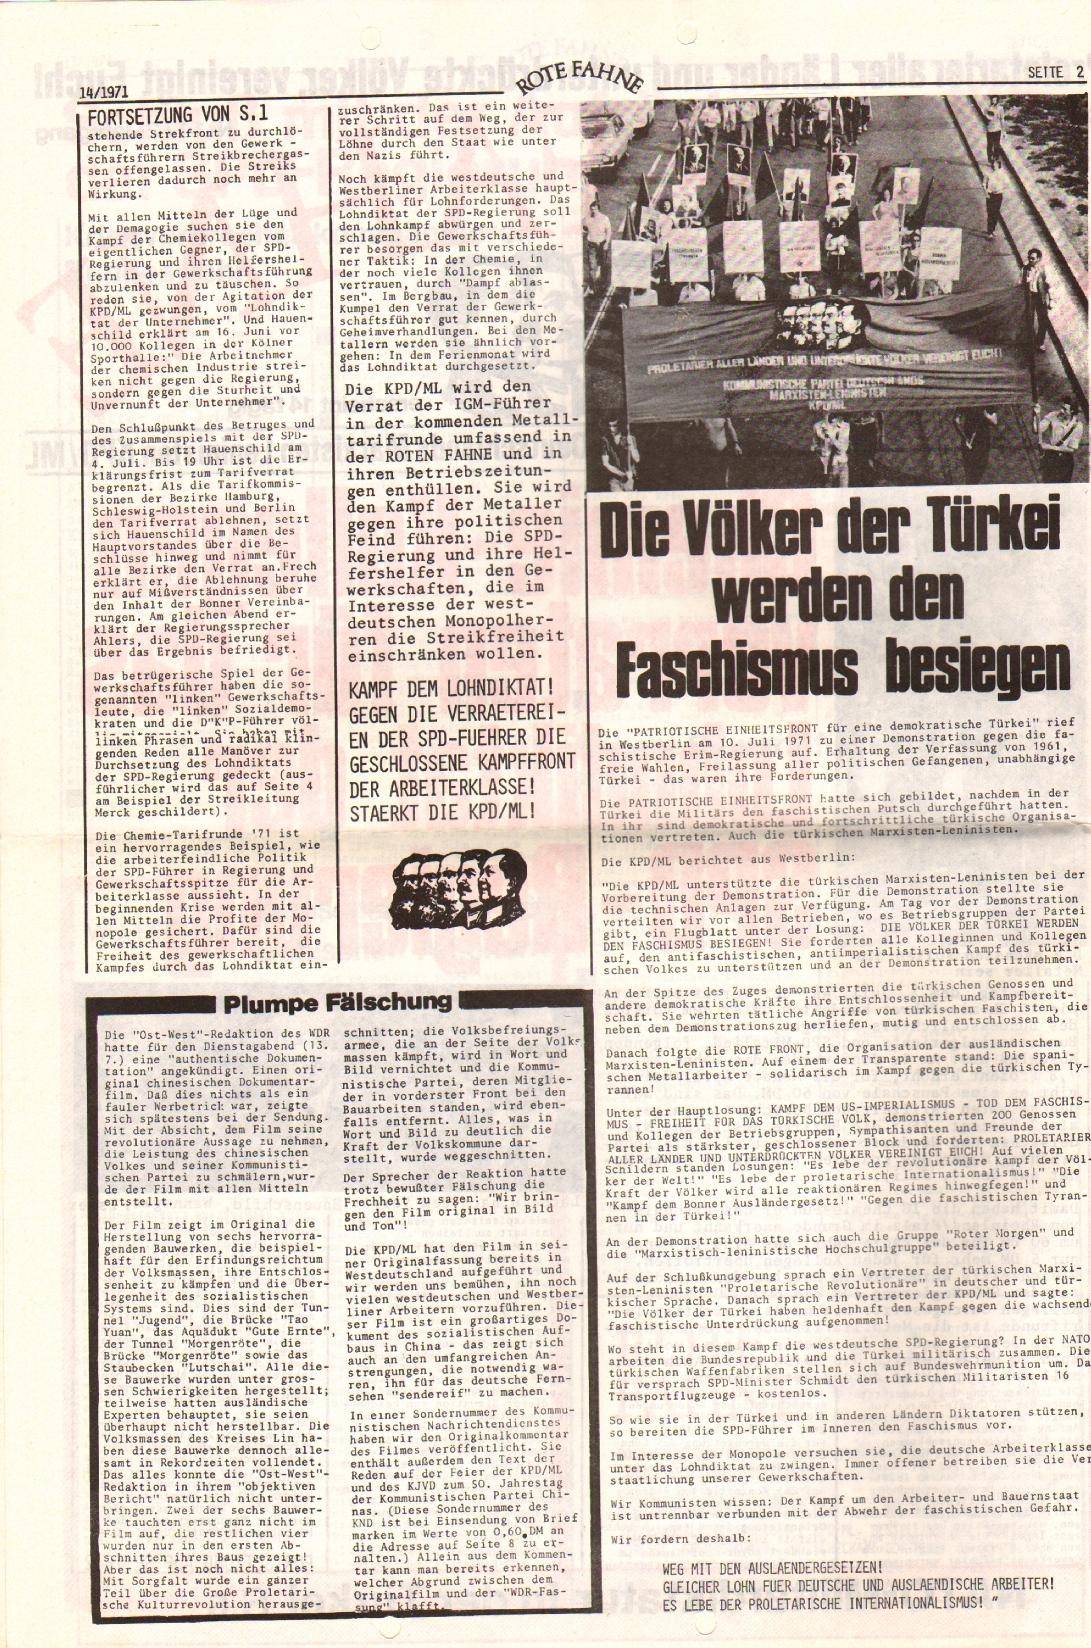 Rote Fahne, 2. Jg., 19.7.1971, Nr. 14, Seite 2